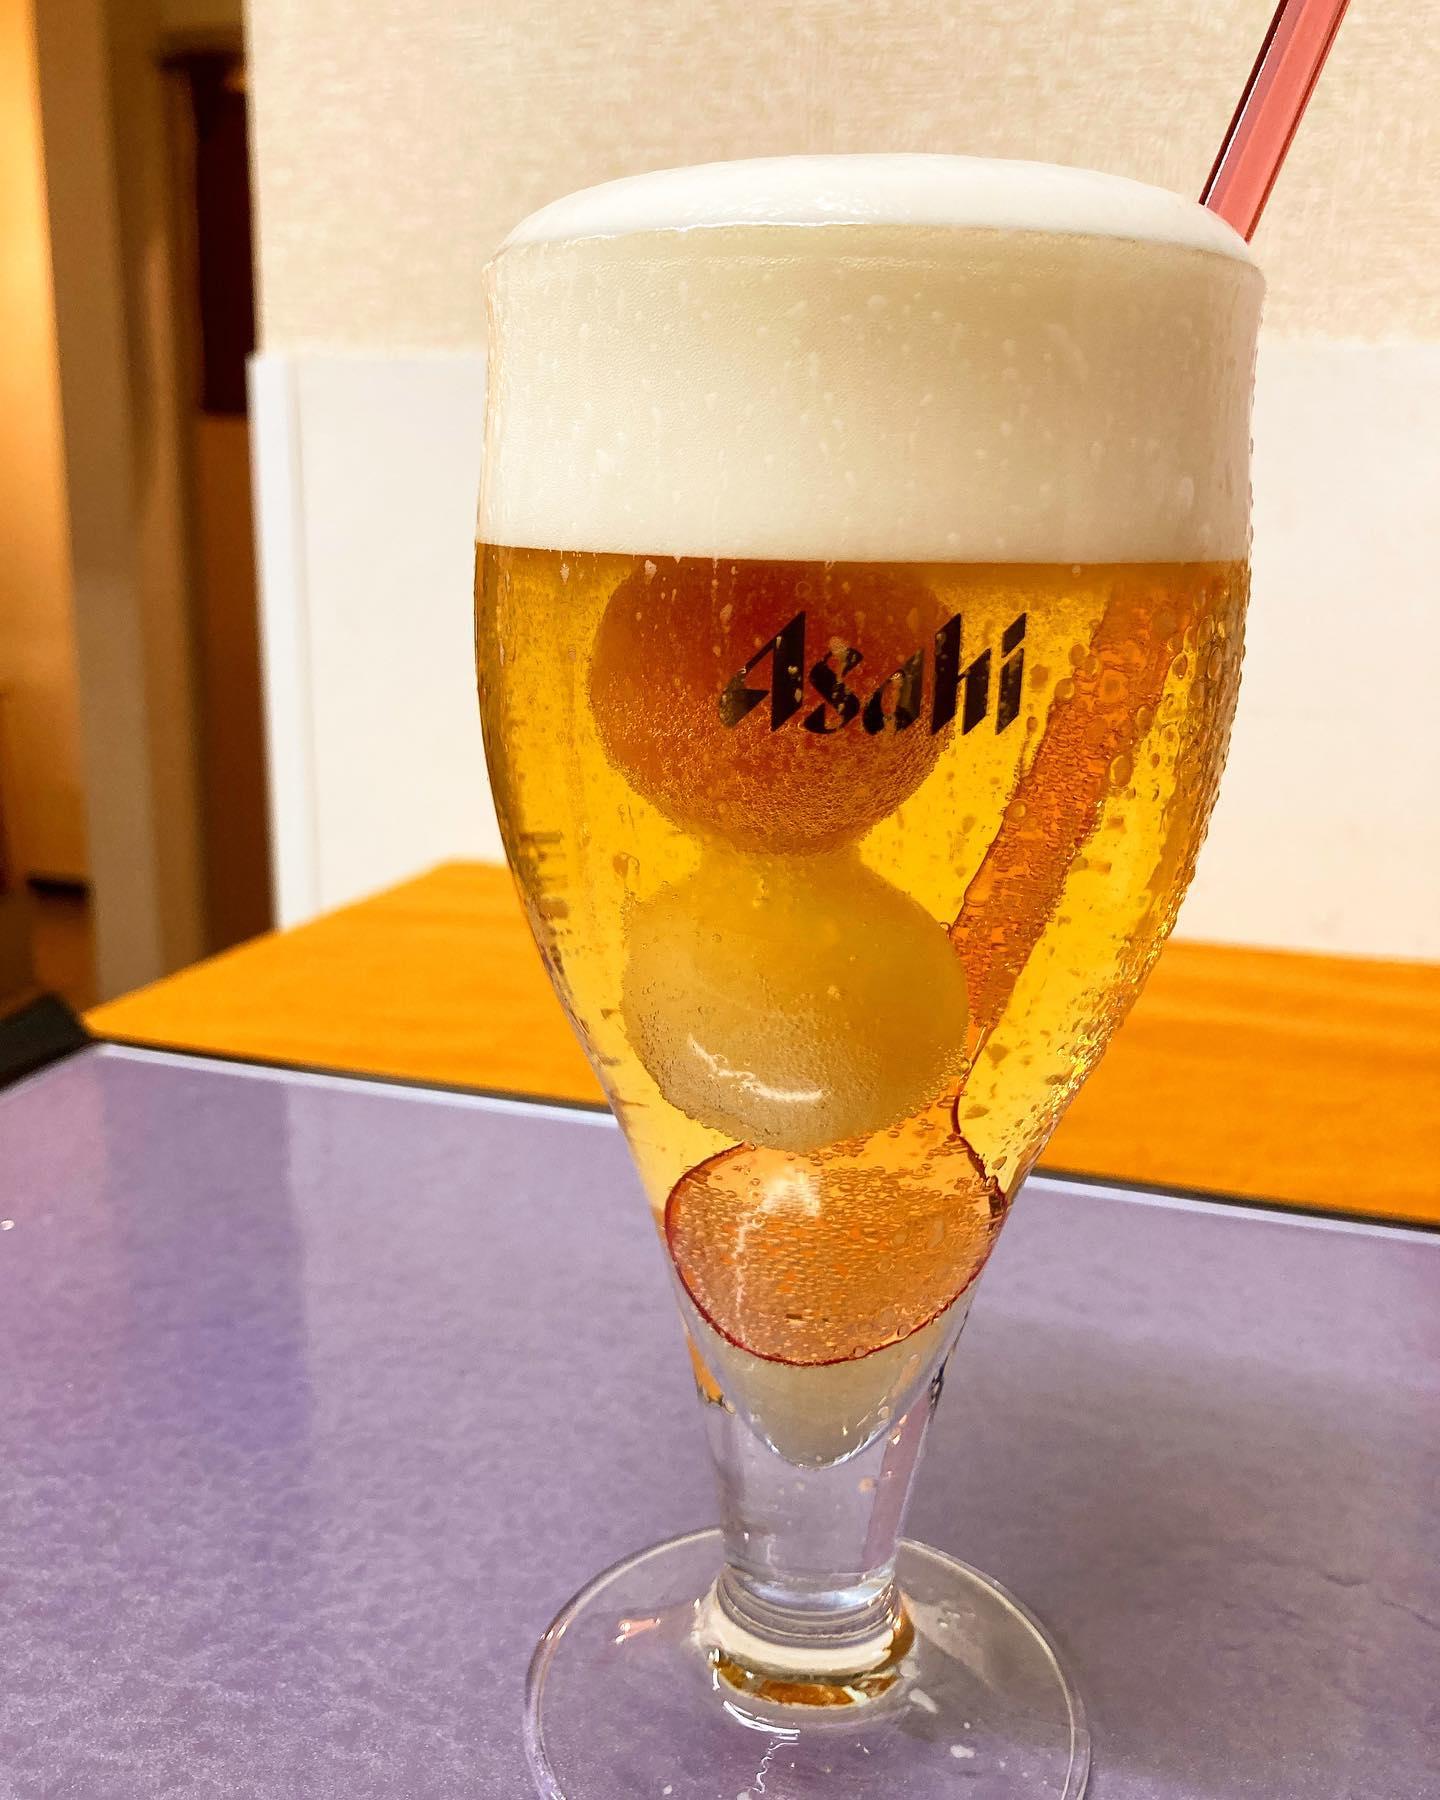 [おはしどころ菜でしこ] 〜ビアドロップス〜   フルーティーなシャーベットを溶かしながら 召し上がっていただくビアカクテル   「カンブリア宮殿」でも取り上げられた アサヒビールさんの新商品です   ビールが苦手な方でも、 味の変化を楽しみながら飲めますよ♪      ※お席を半分以下にしてご案内してます。  お越しの際はご連絡くださいますと  大変助かります。  ※お酒のご提供はご家族もしくは、  4名様以内のグループの方のみとなります。  ※ラストオーダー 20:00  閉店時間    21:00    【埼玉県本庄駅徒歩30秒】 【17:00〜21:00】 【お昼の和食コース有り🥢】  【インスタのメッセージ問合せ】 【お店️0495-23-3058】 【携帯080-3455-4951】     